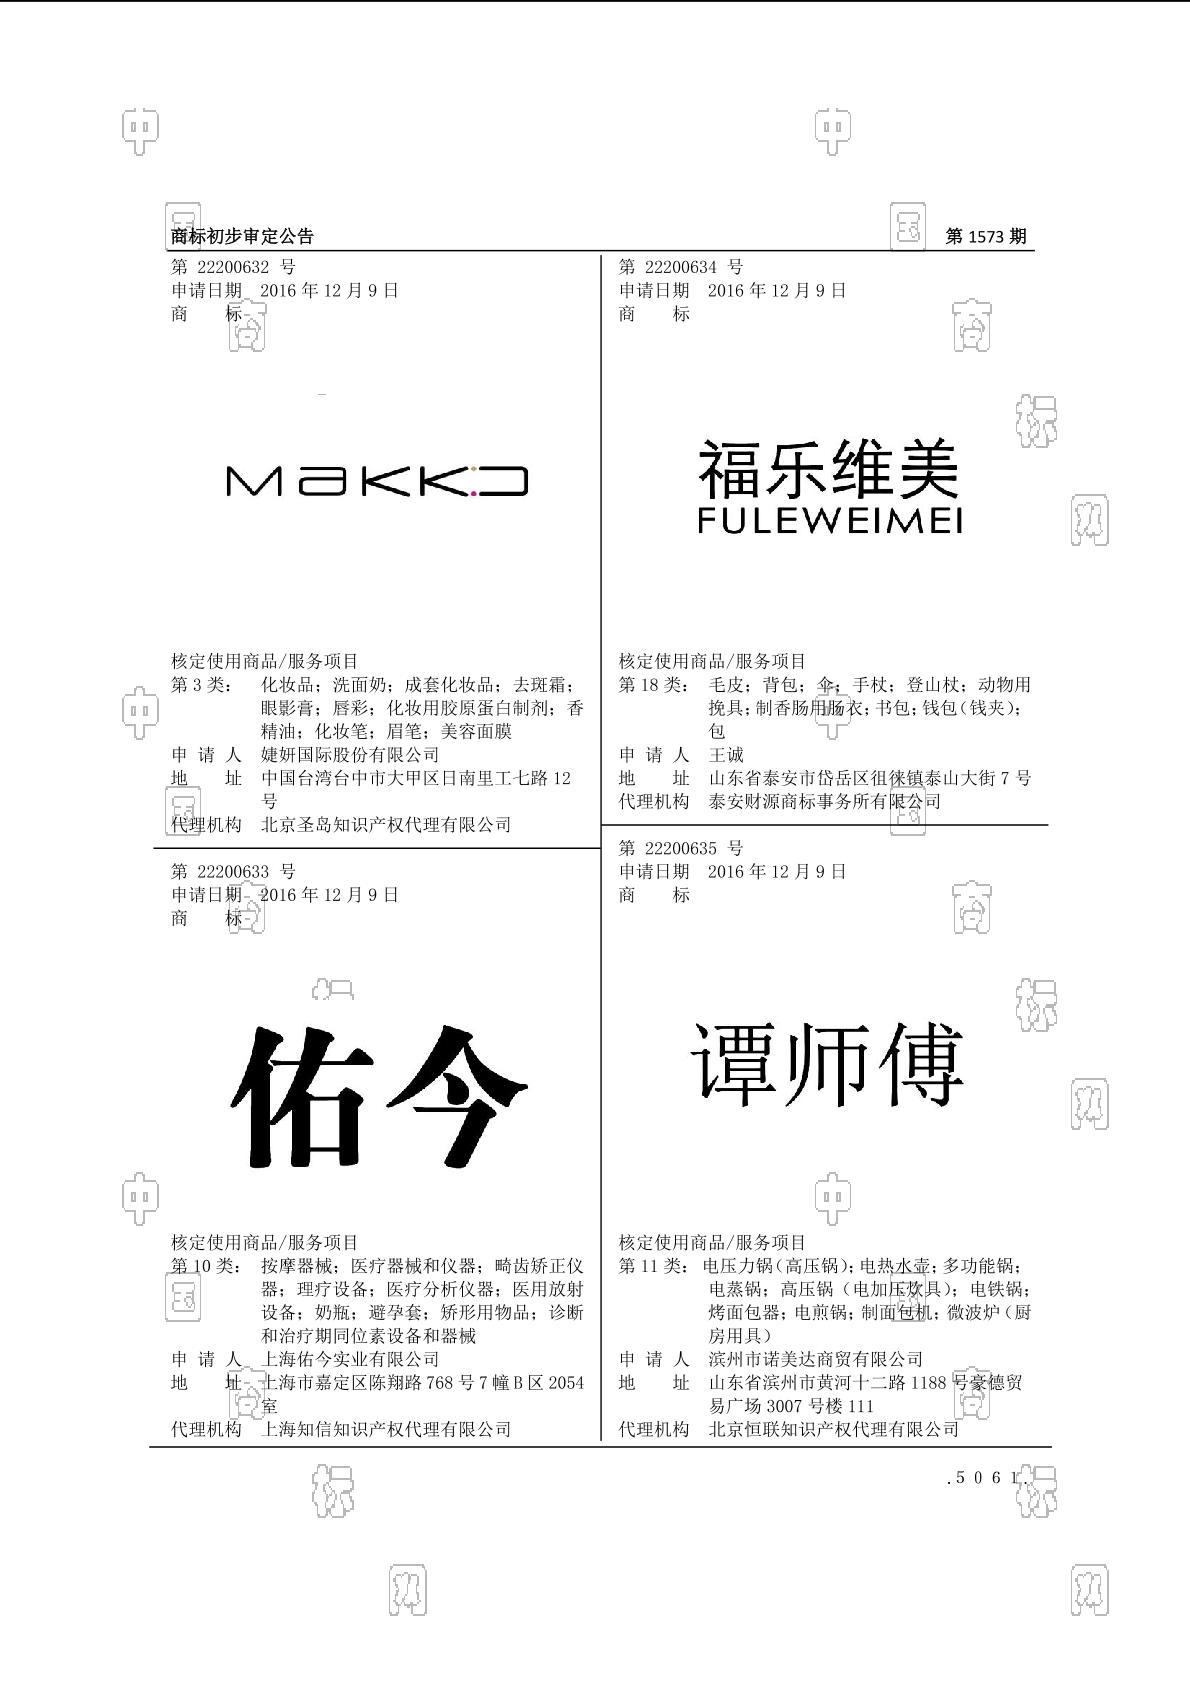 【社标网】MAKKO商标状态注册号信息 婕妍国际股份有限公司商标信息-商标查询